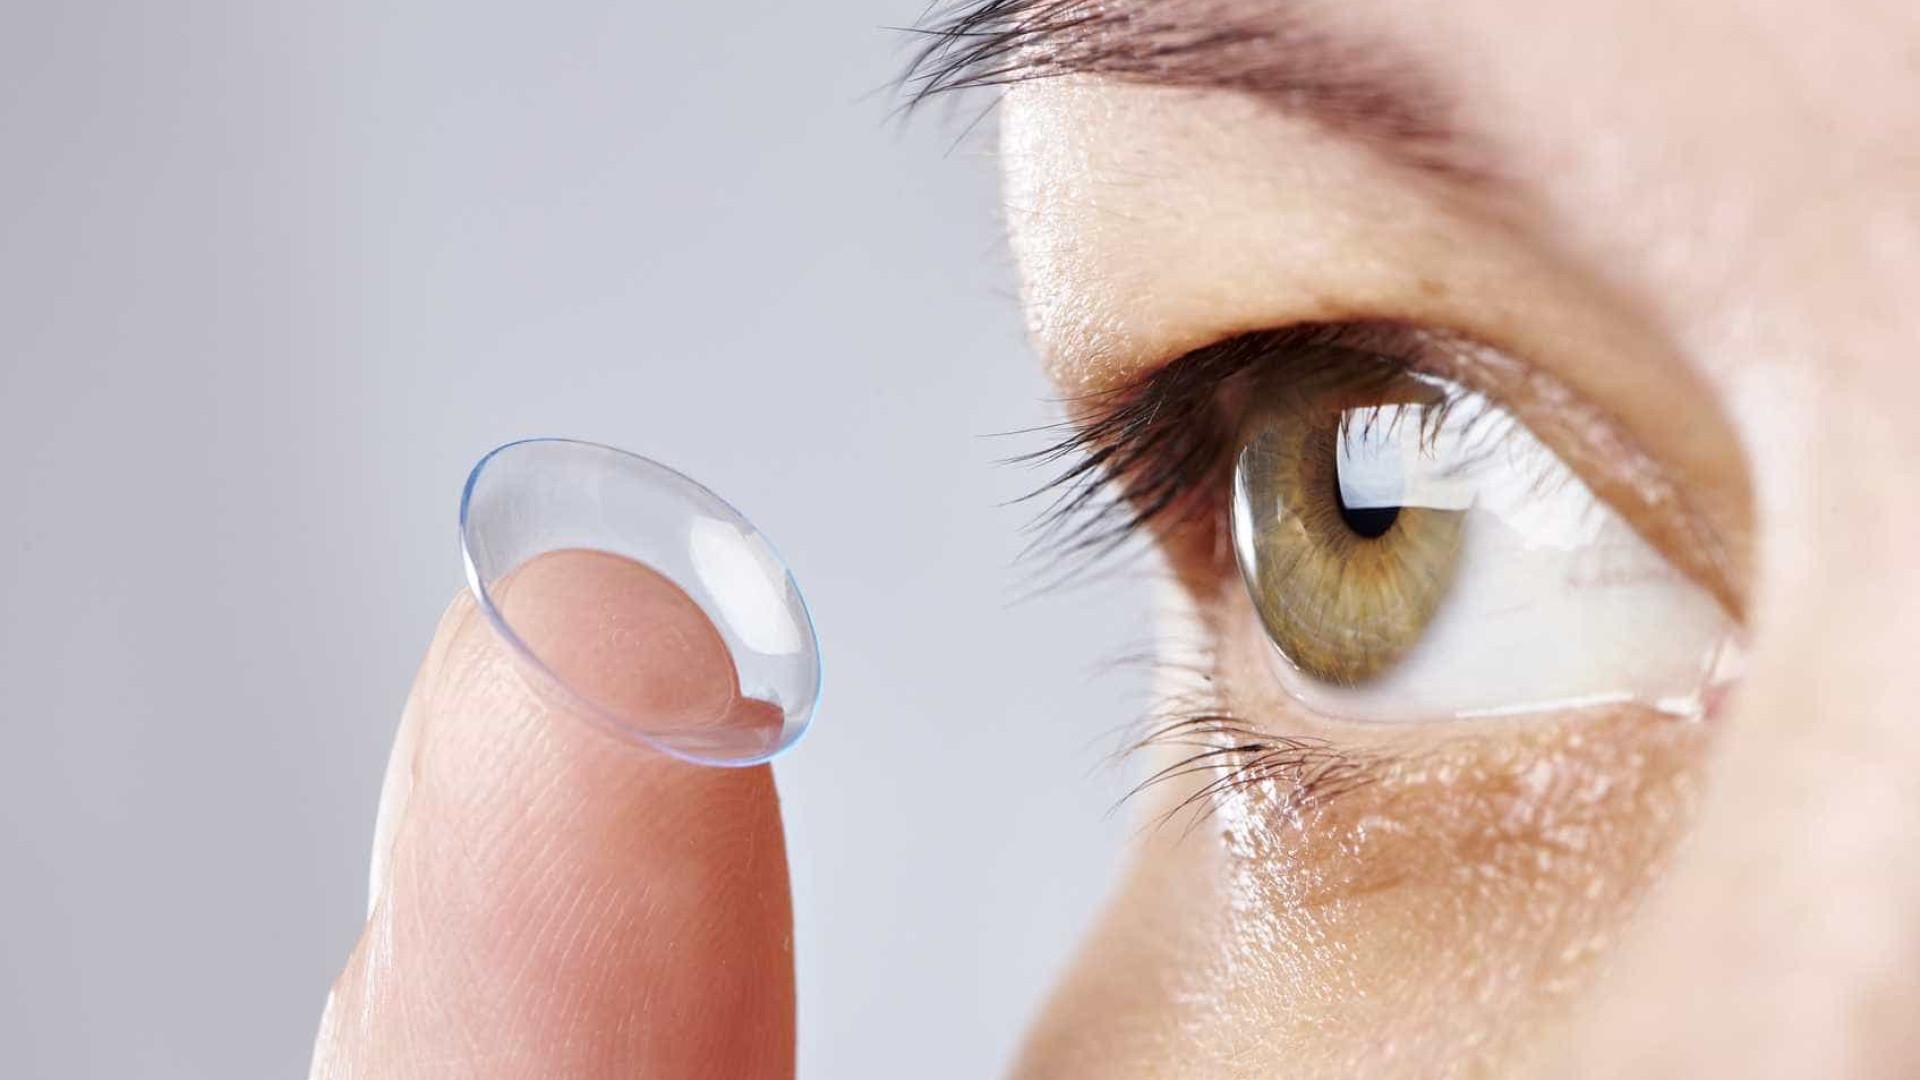 Confira 10 mitos e verdades sobre as lentes de contato